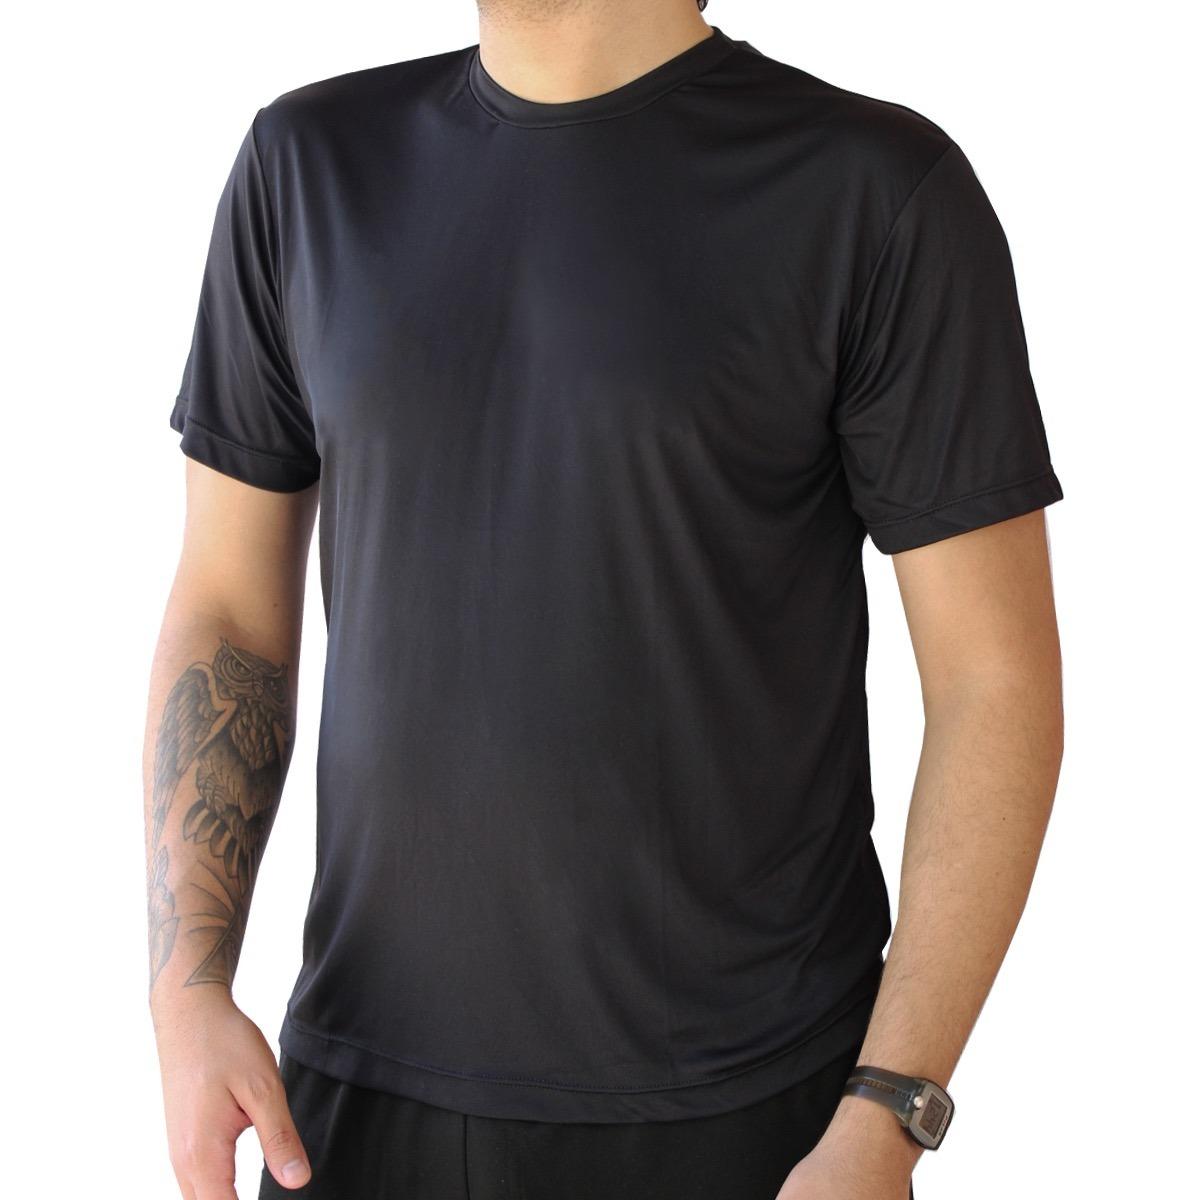 9085215388 7 camisetas dry fit 100% poliamida fitness esportes corrida. Carregando  zoom.